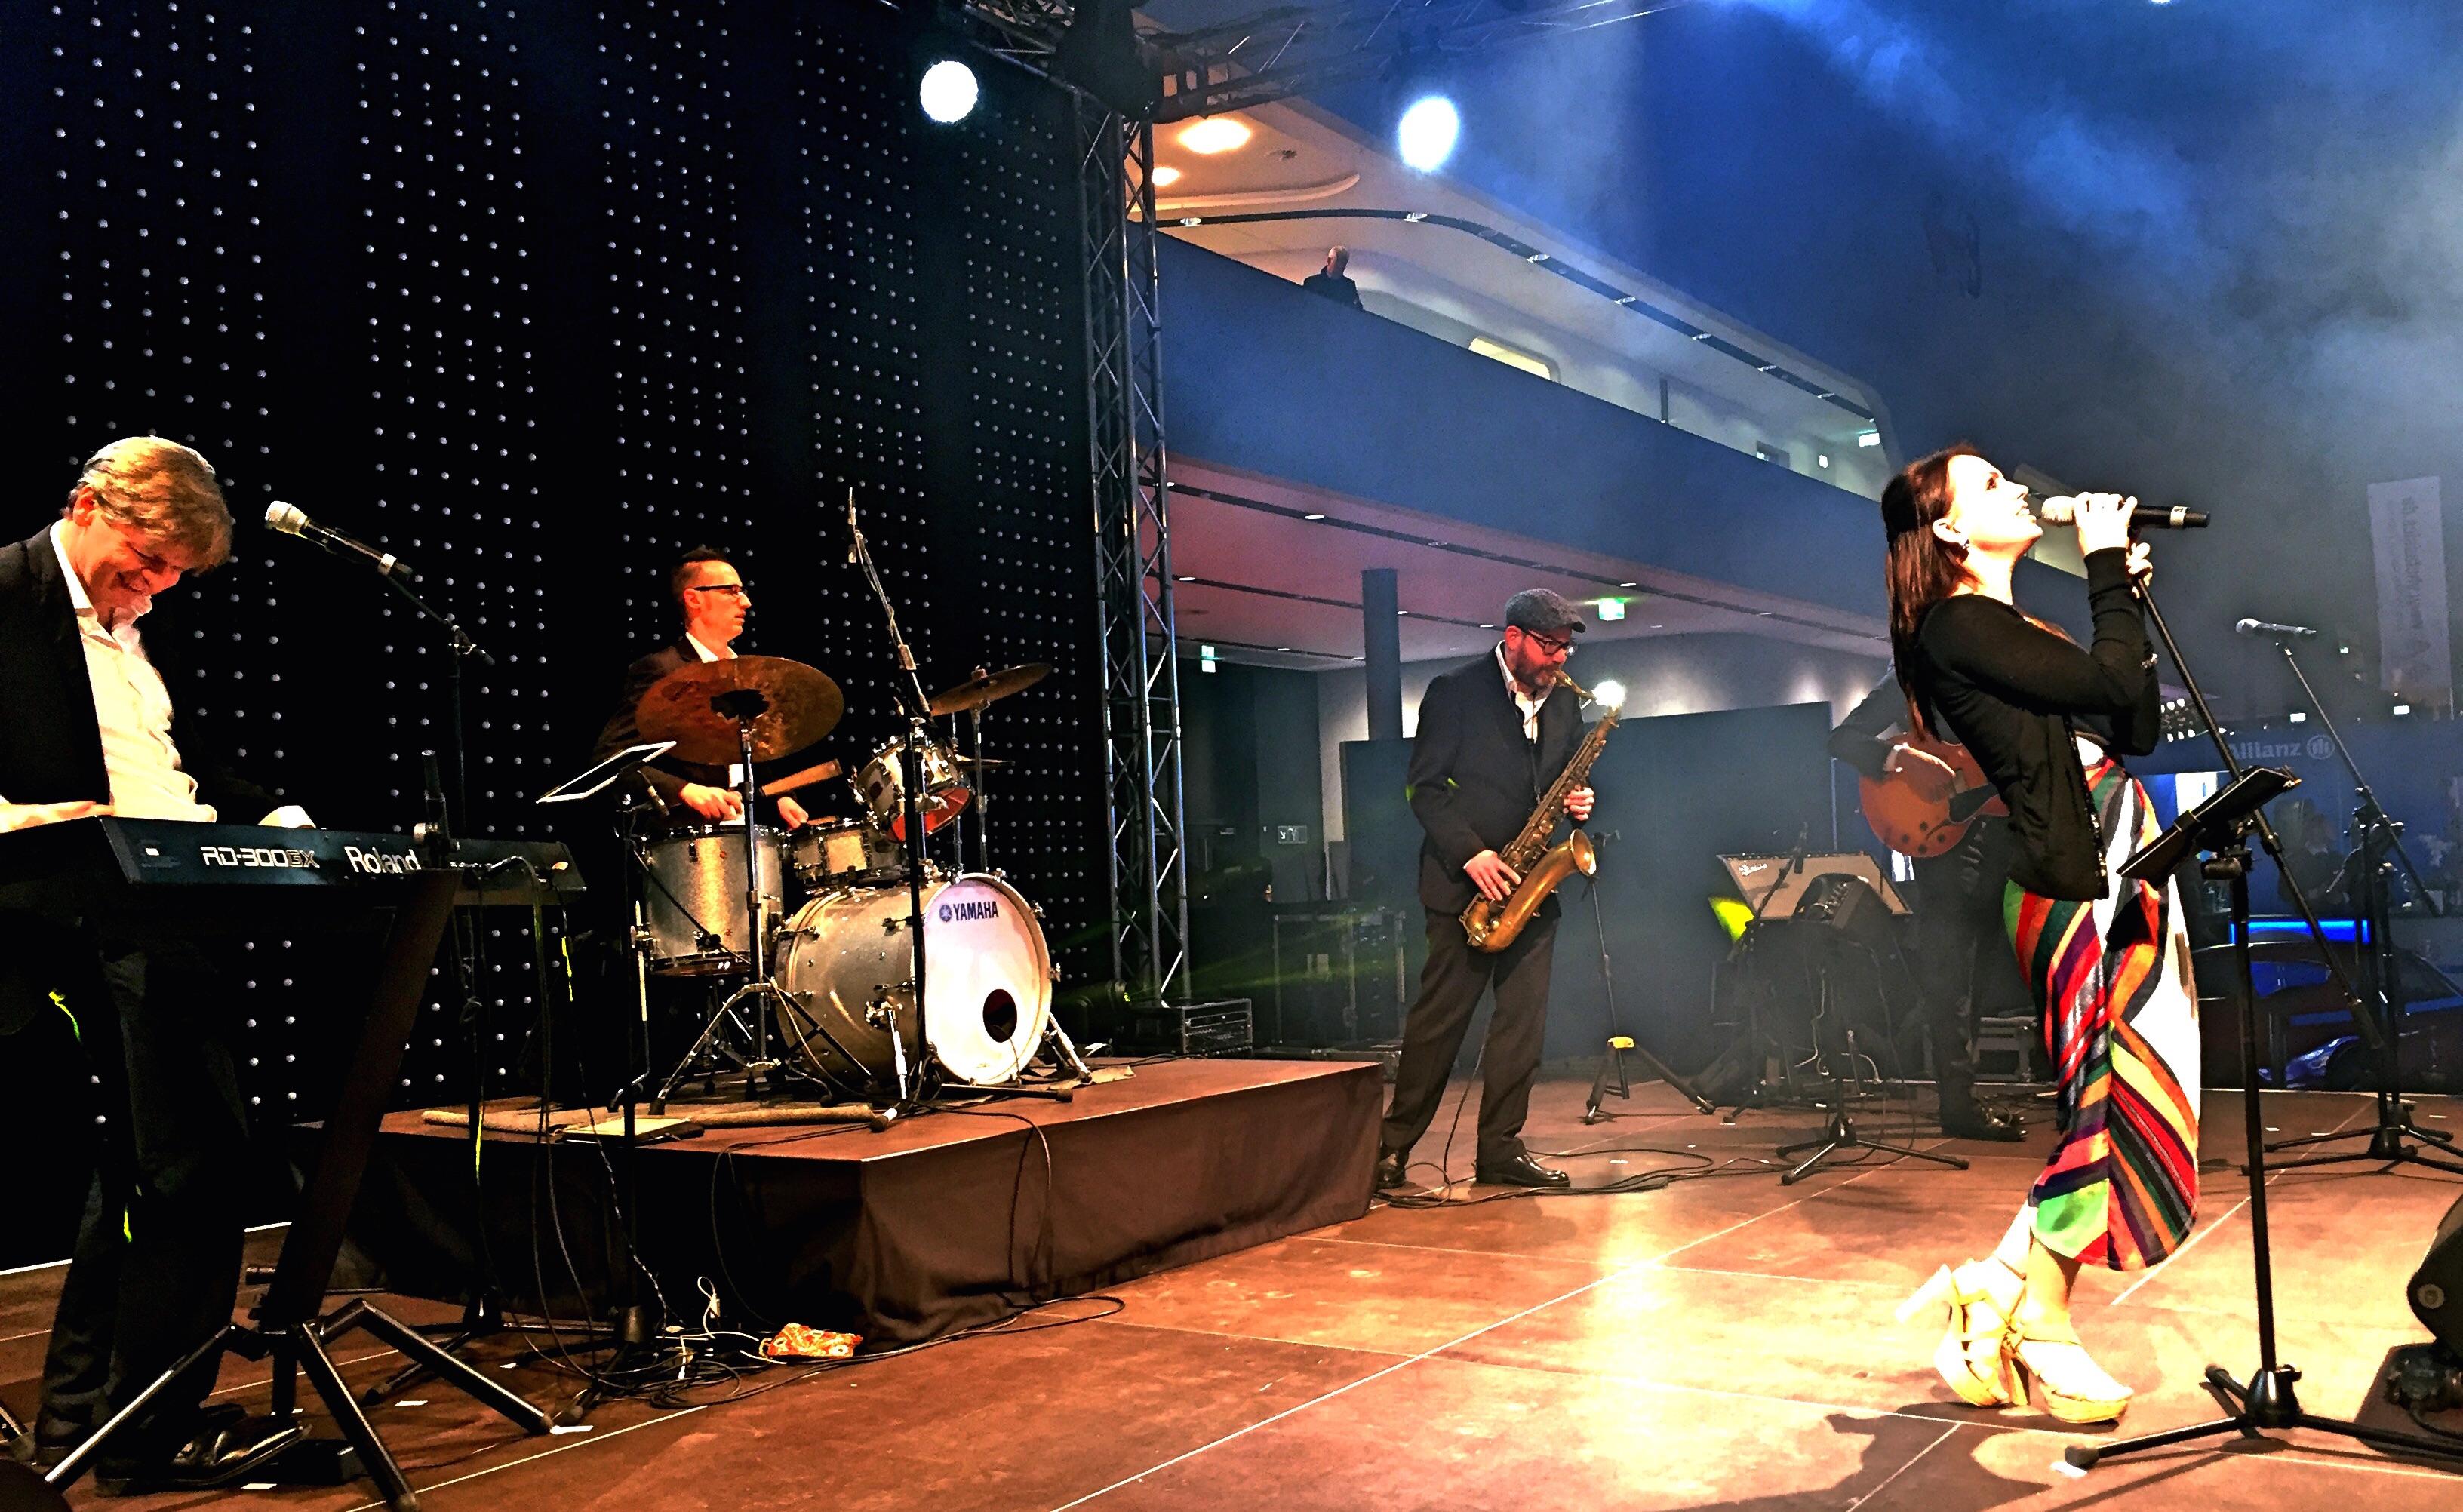 band_messe_nuernberg